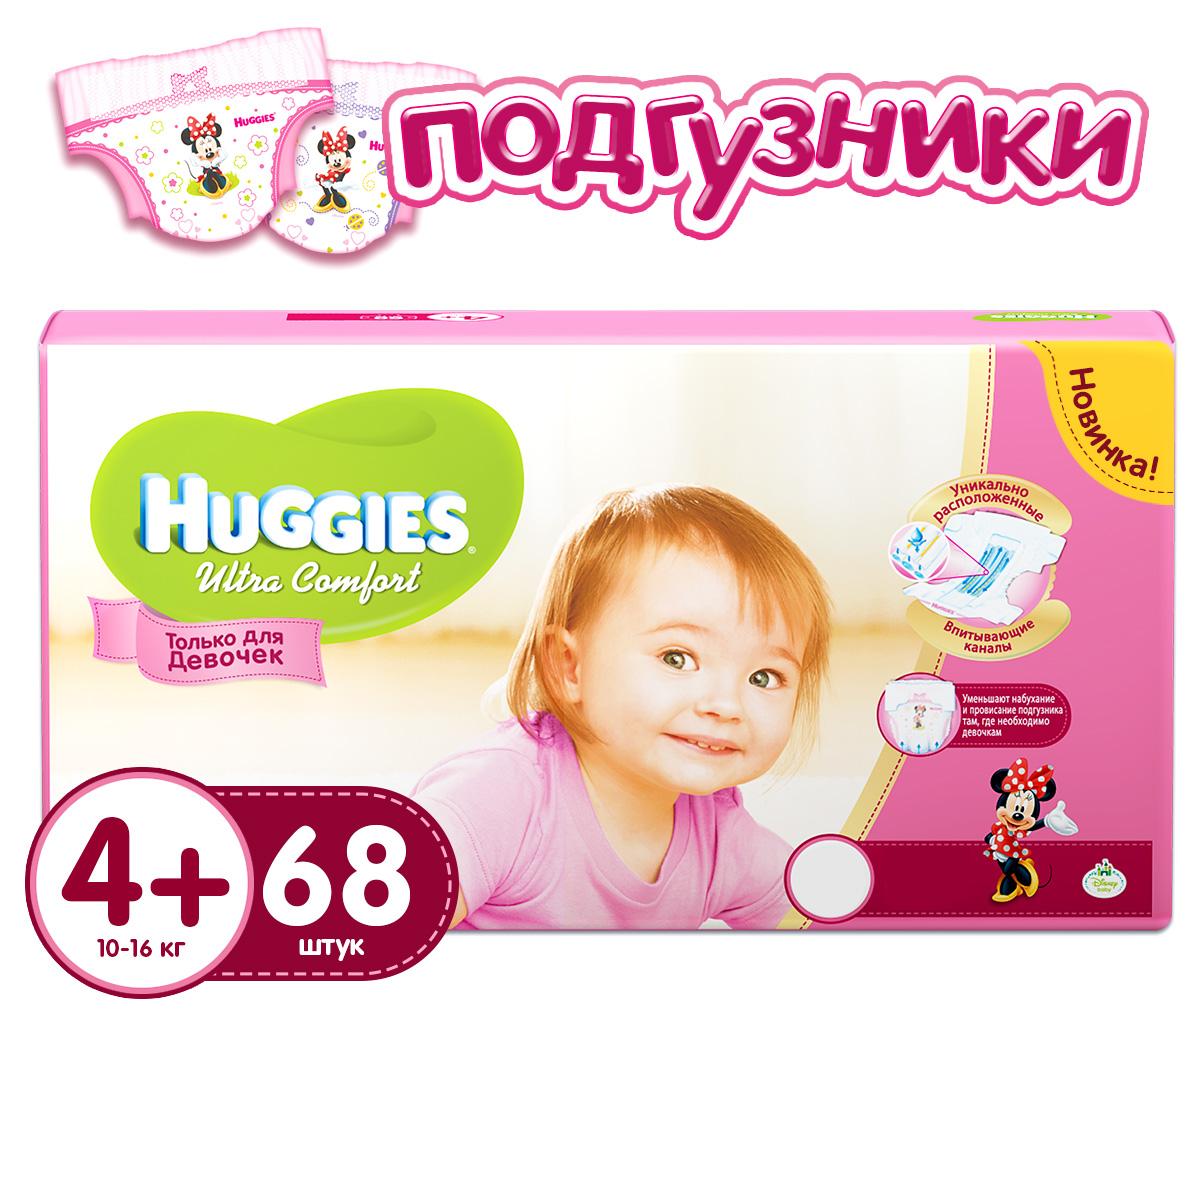 Подгузники Huggies Ultra Comfort Giga Pack для девочек 10-16 кг (68 шт) Размер 4+<br>